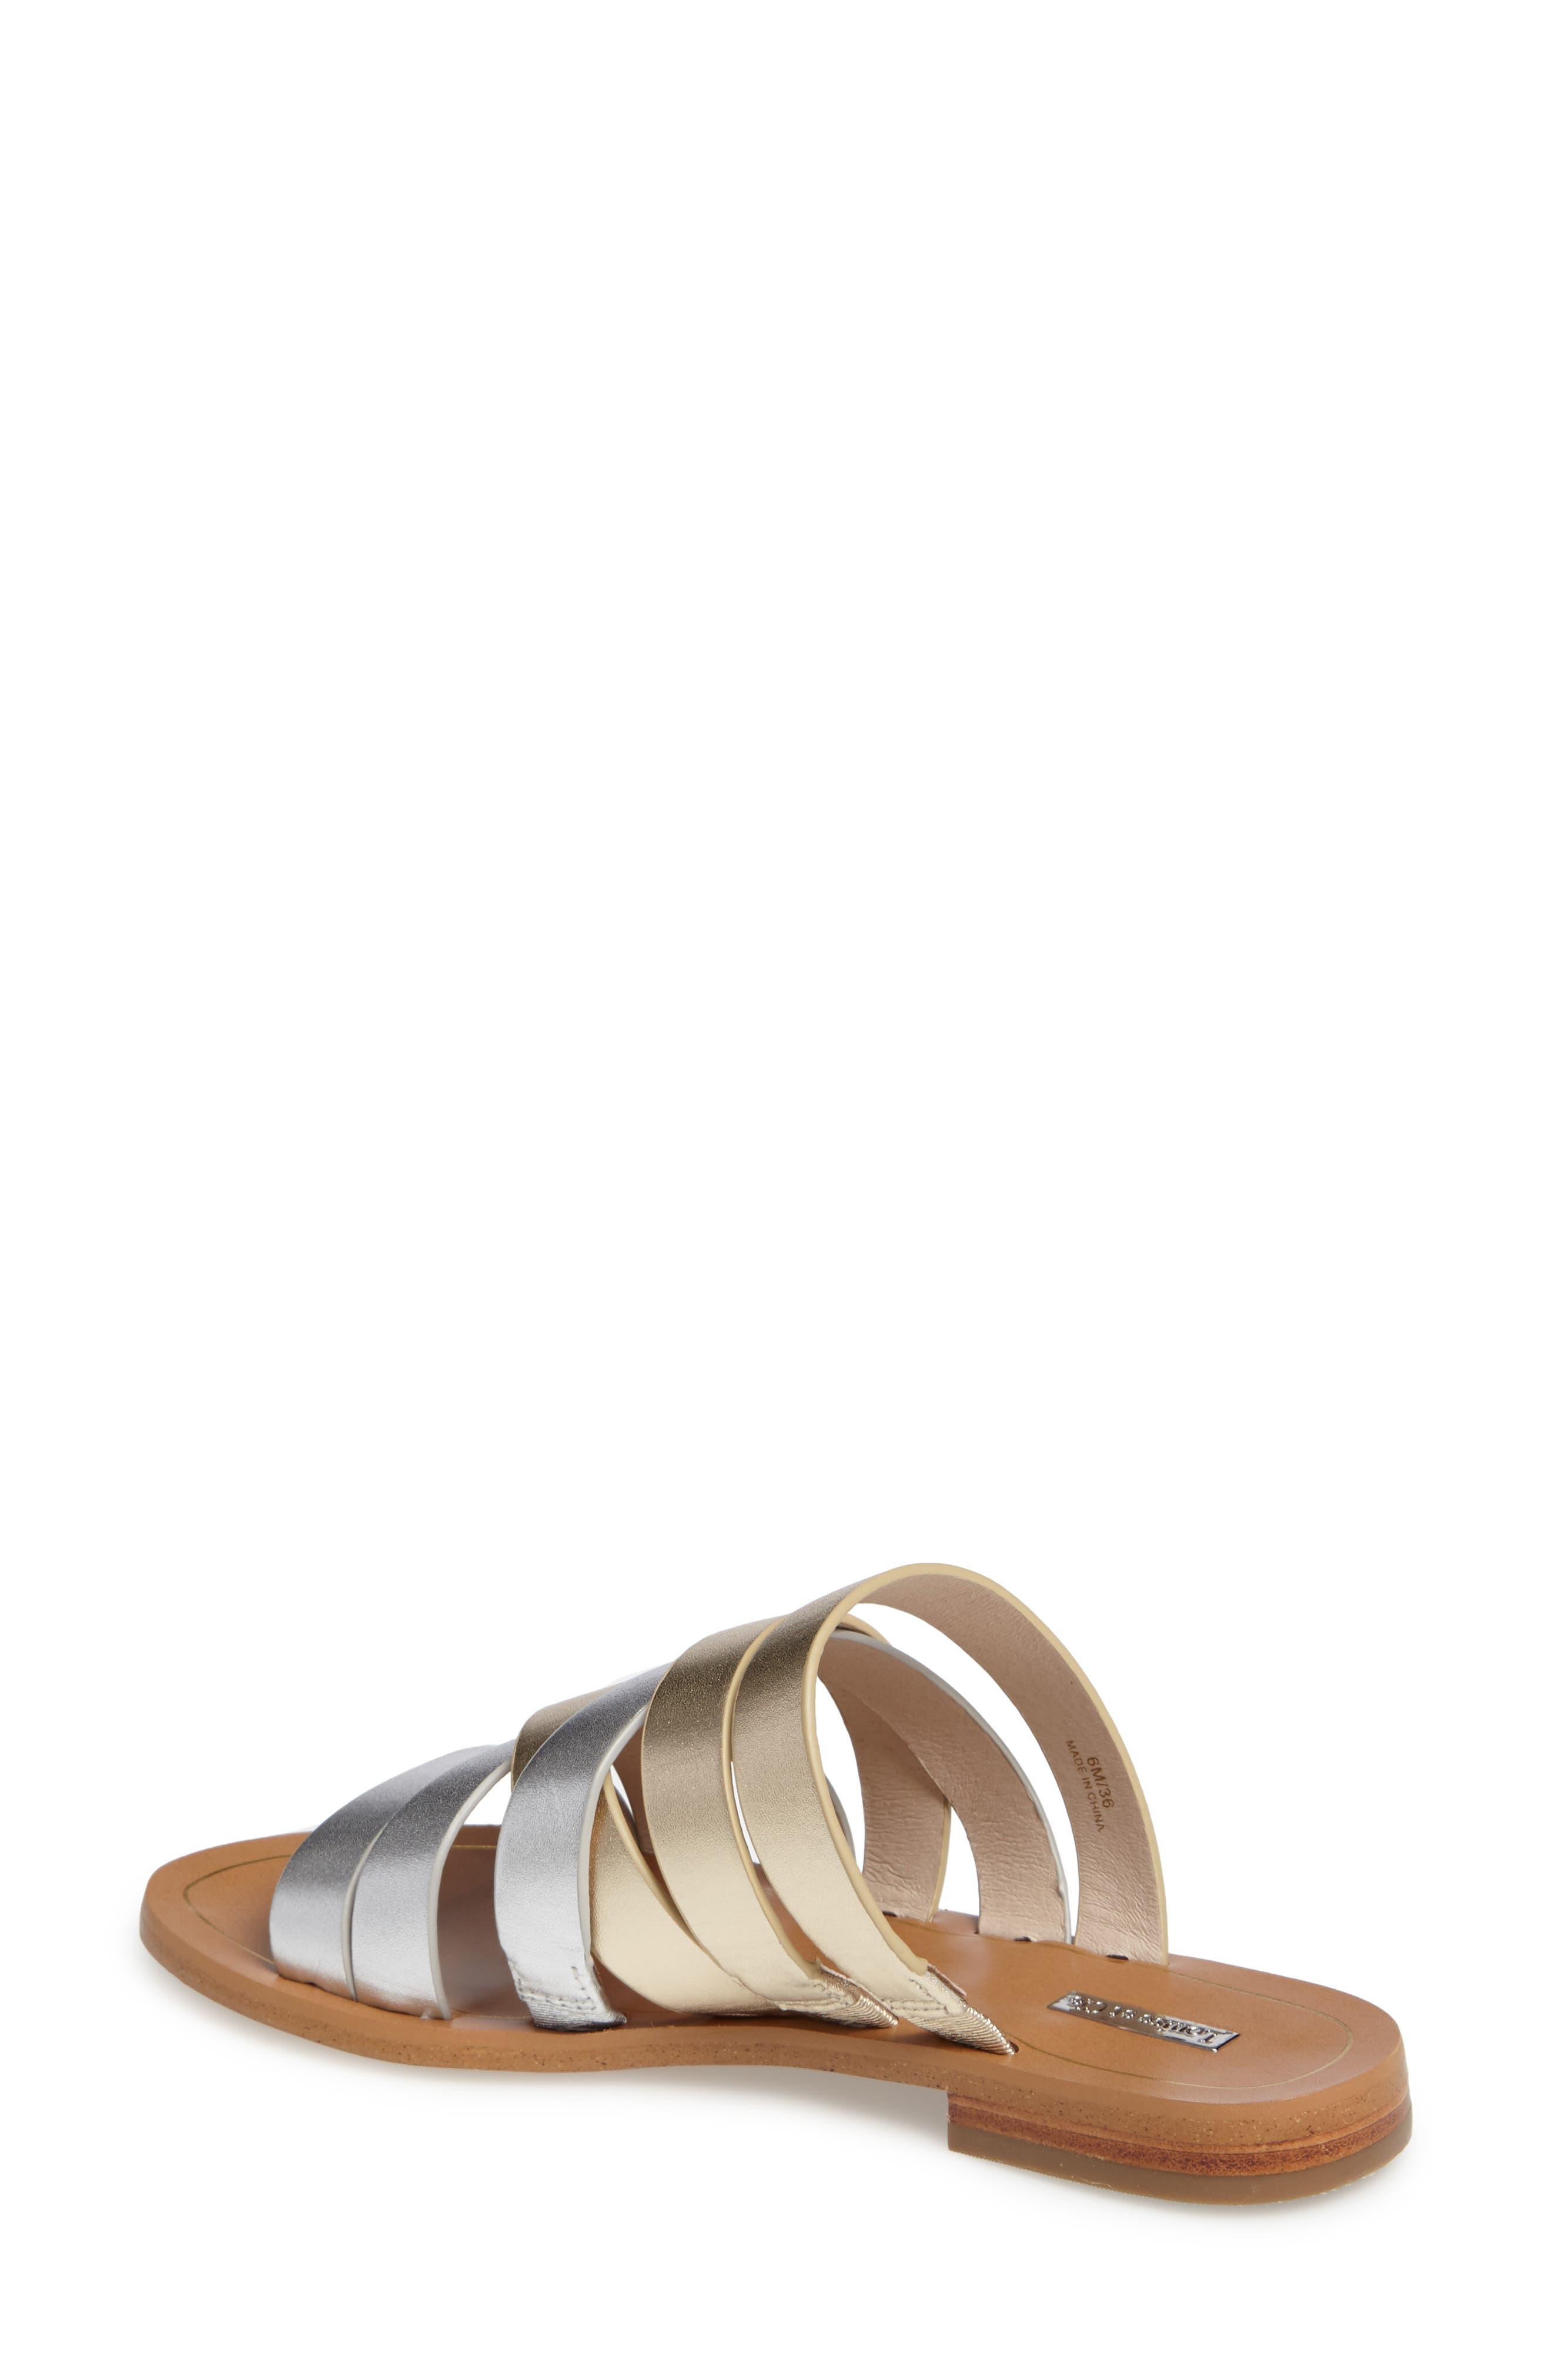 Braelynn Slide Sandal,                             Alternate thumbnail 2, color,                             Sterling Leather